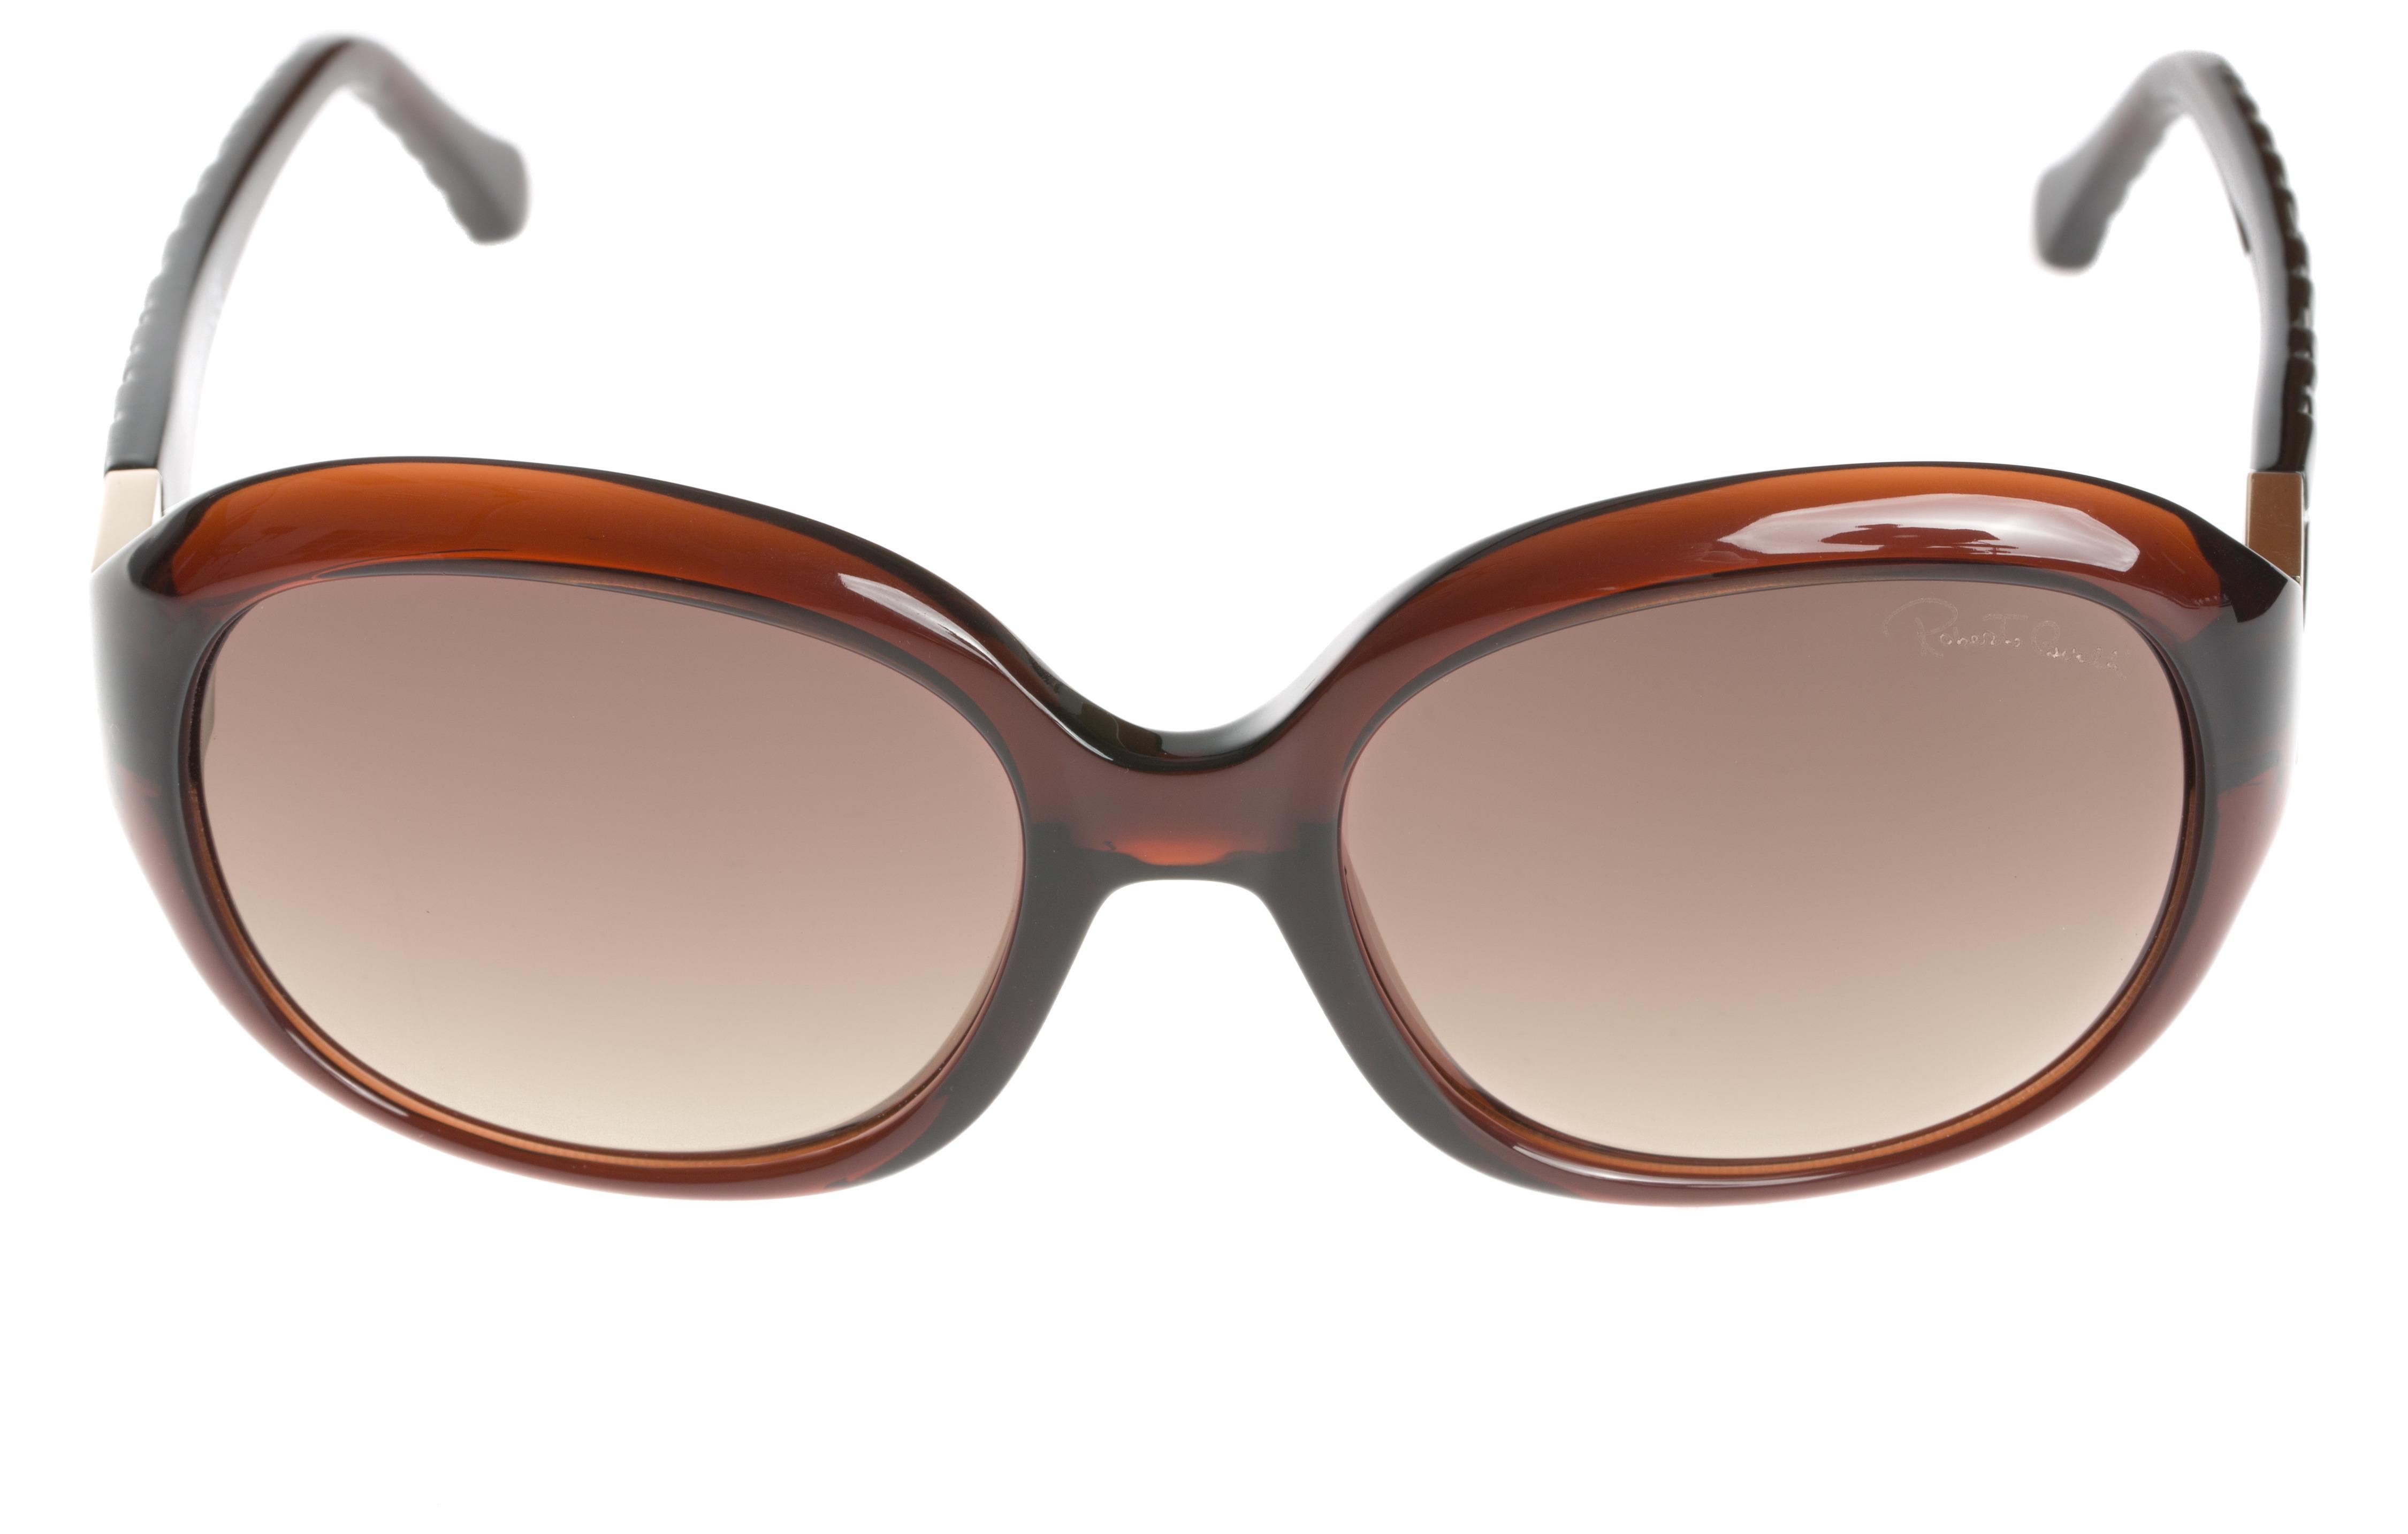 a312125cc Roberto Cavalli Achernar Slnečné okuliare Hnedá - Glami.sk